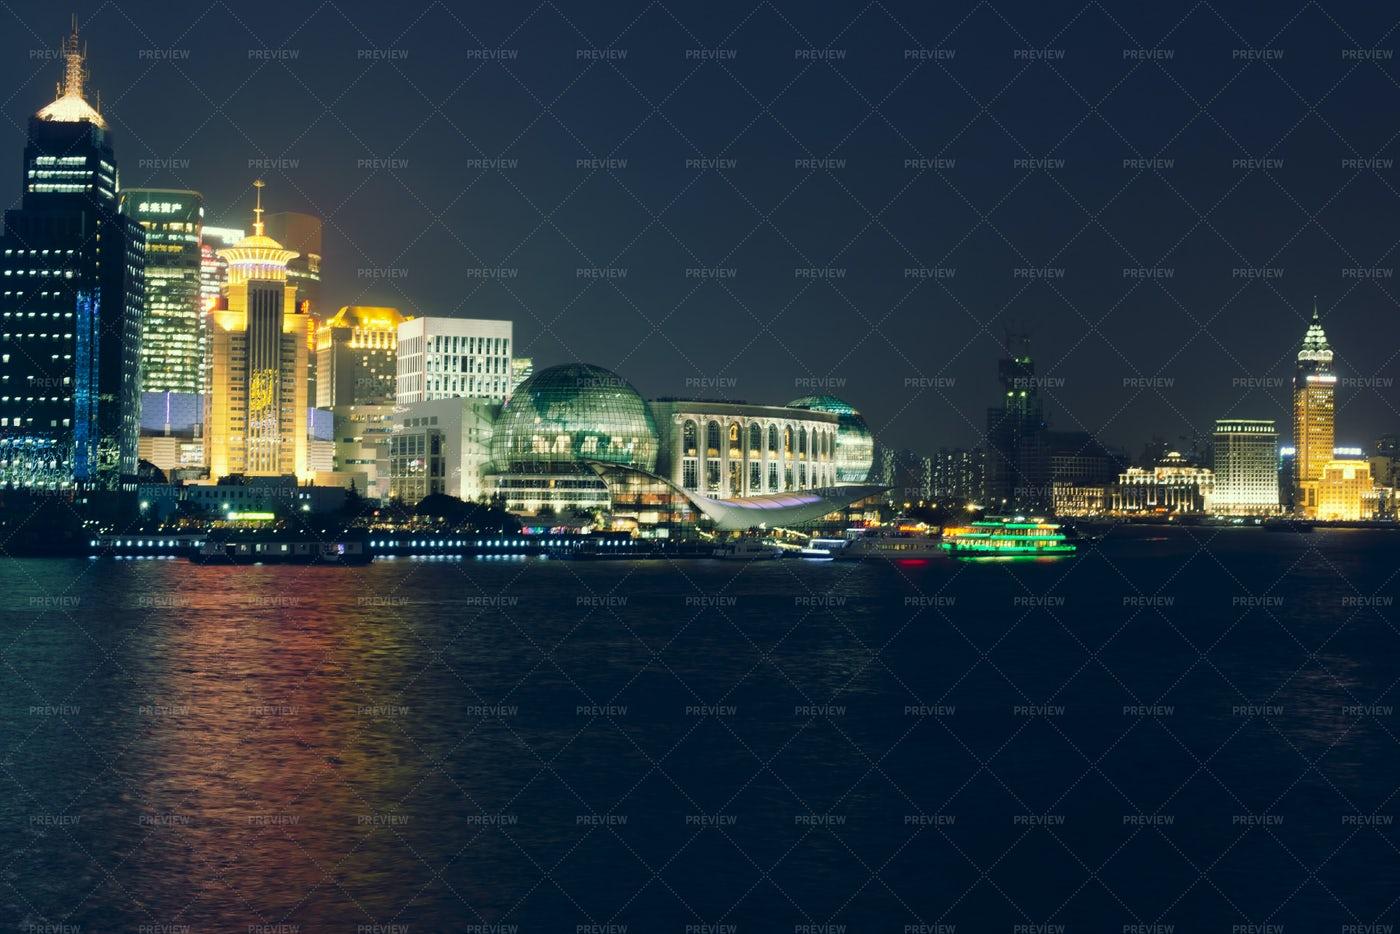 Shanghai Skyline At Nigh: Stock Photos